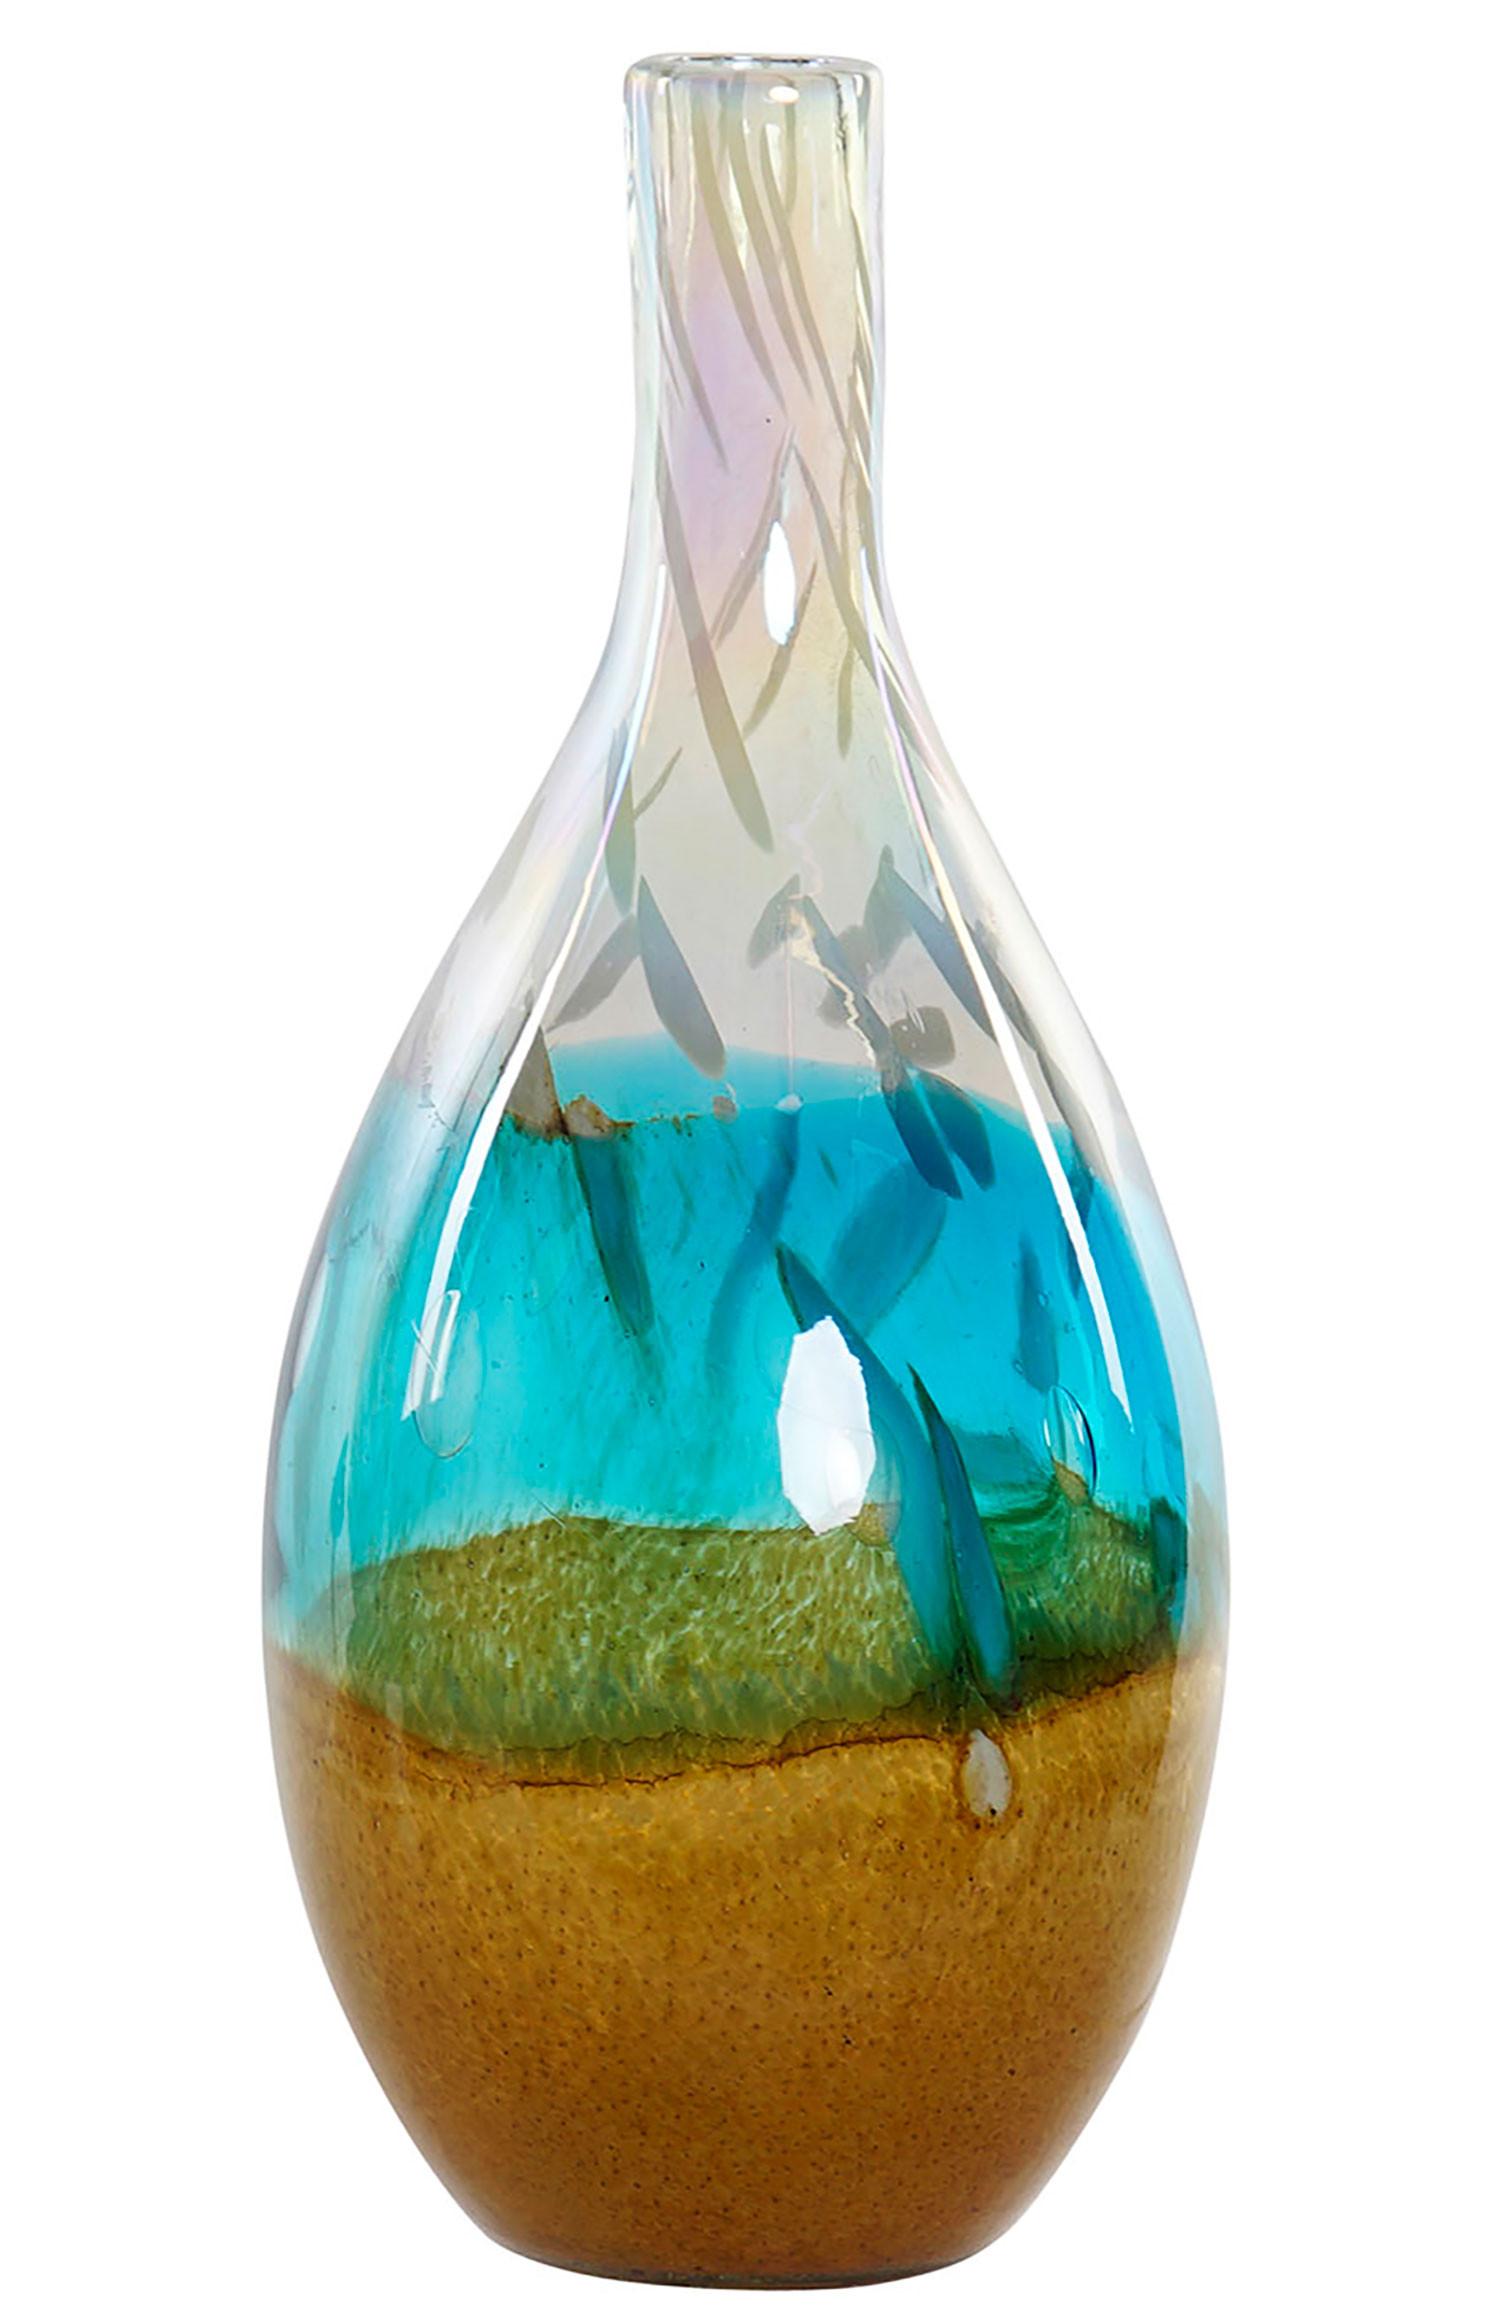 Jarrón Cristal Decorativo de Cristal, Decoración Vinatage 15X36cm Azul